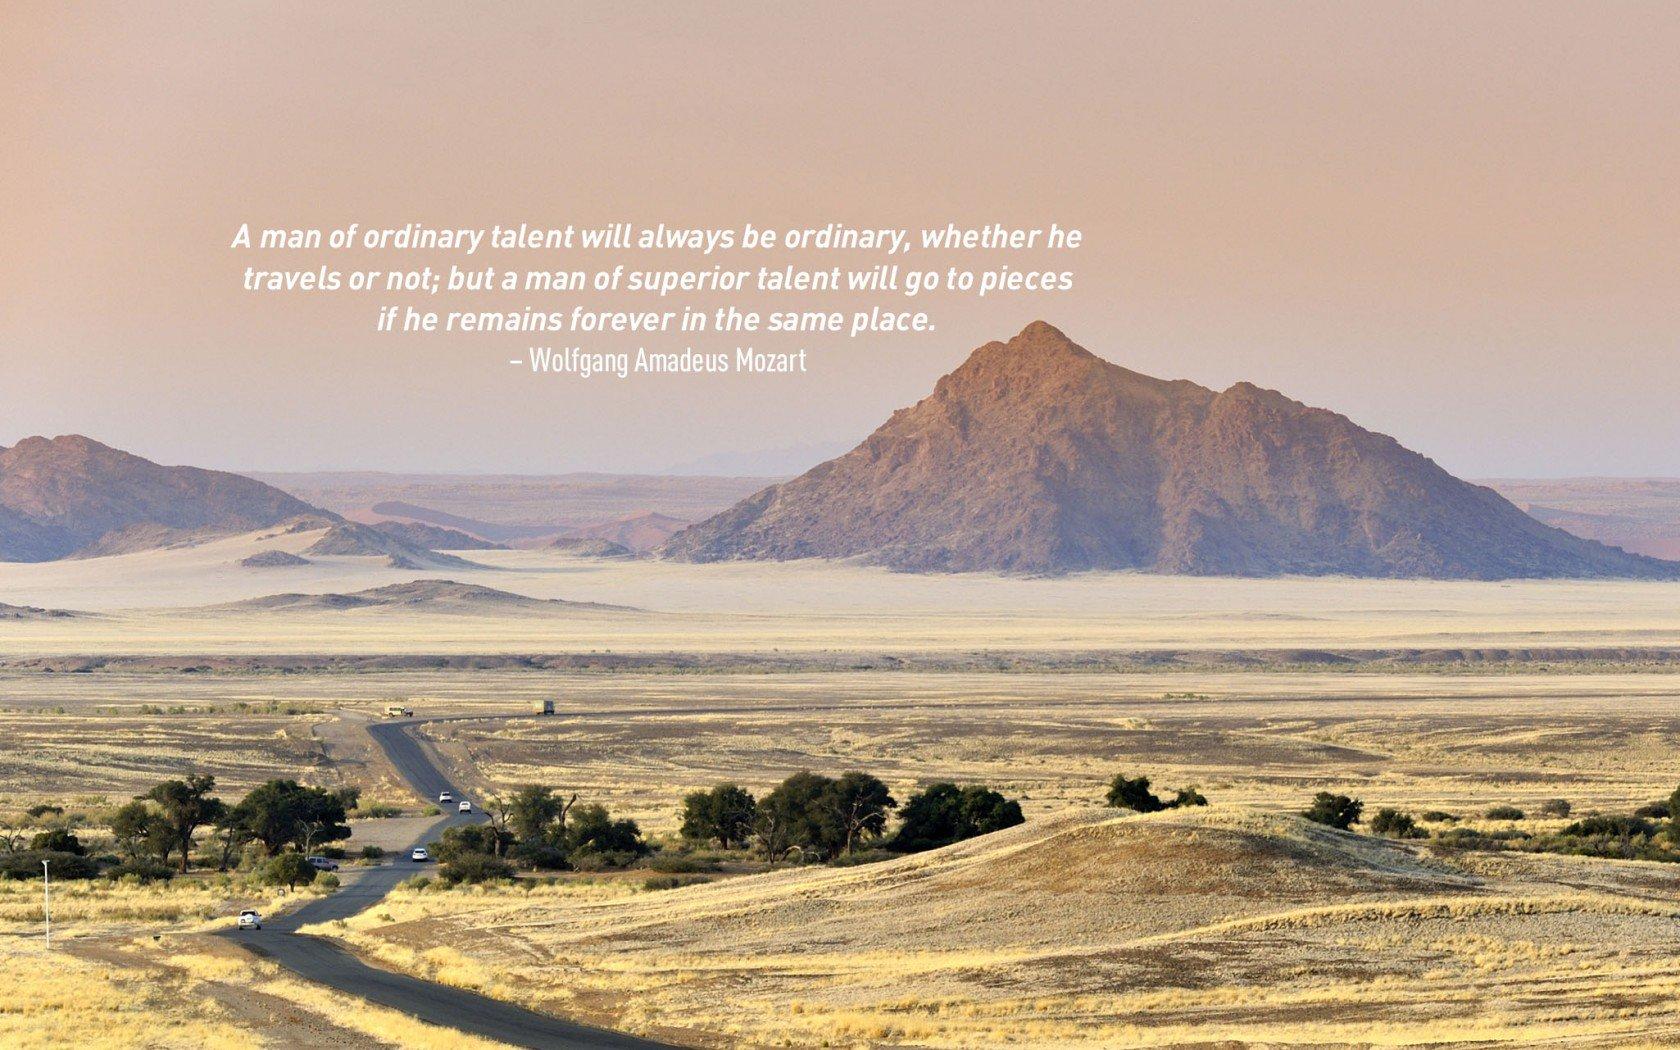 Citation de voyage par Wolfgang Amadeus Mozart.